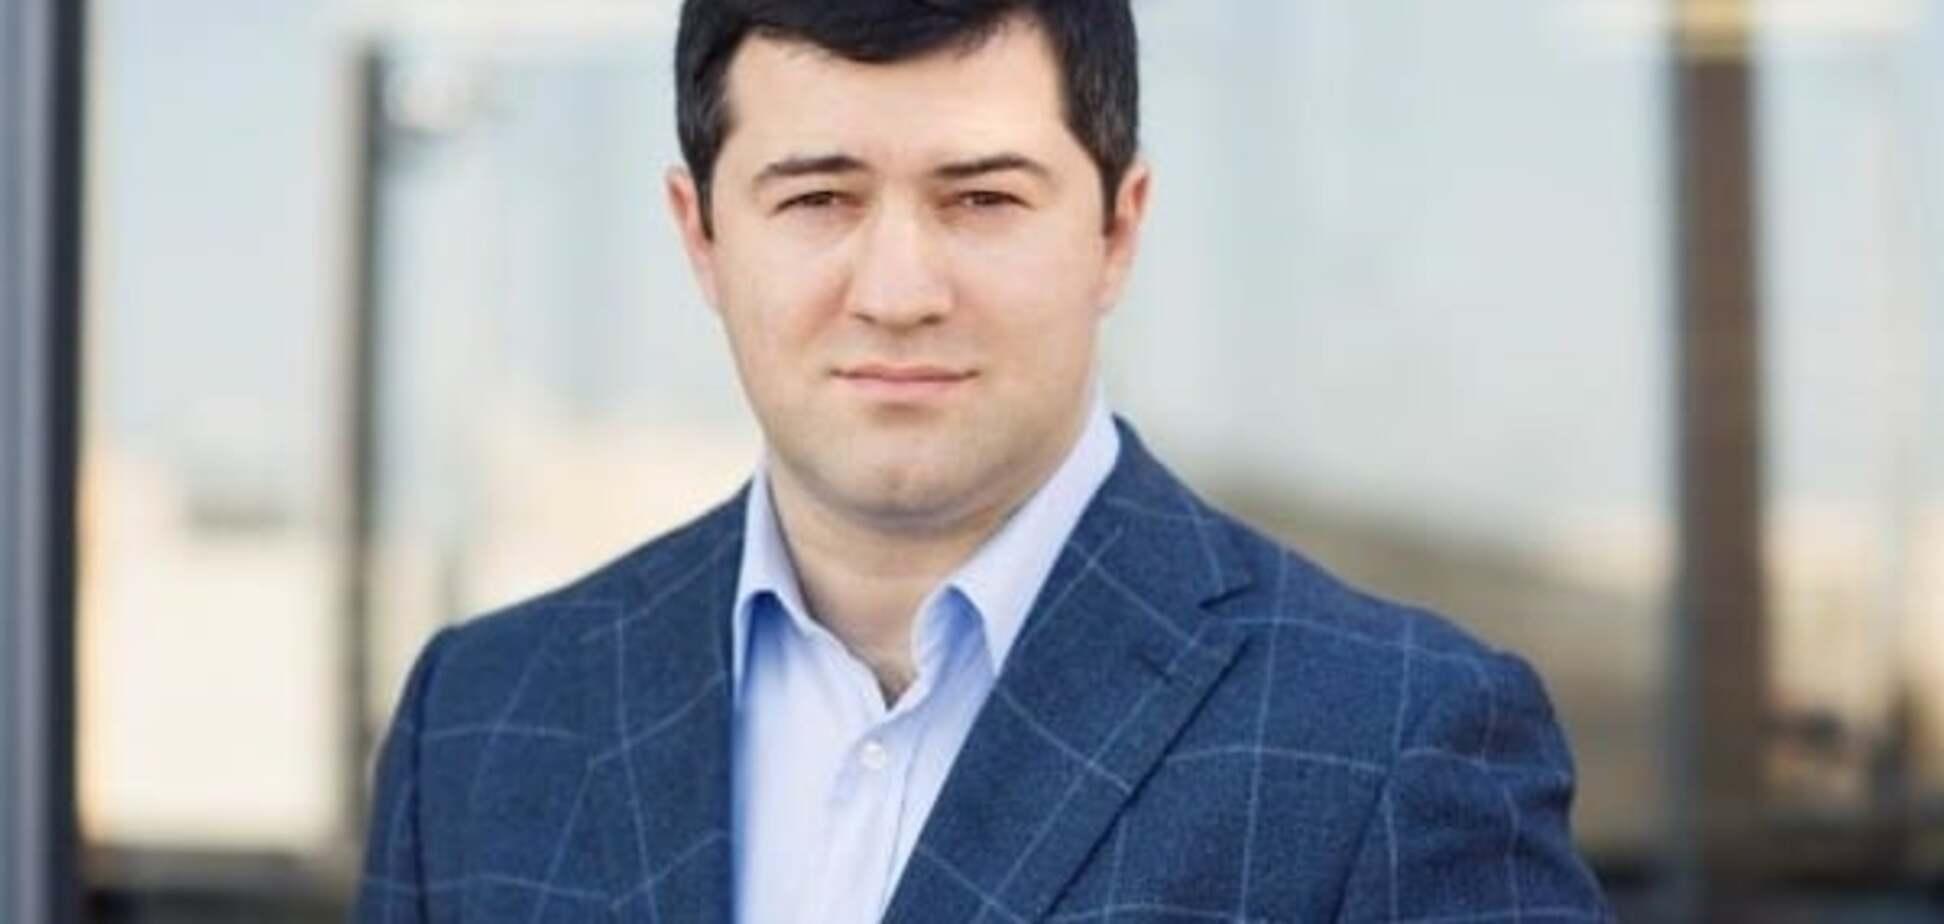 Чому звинувачення на адресу Насірова нашвидкуруч скомпілювали з інформації, виставленої на офіційному сайті ДФС?